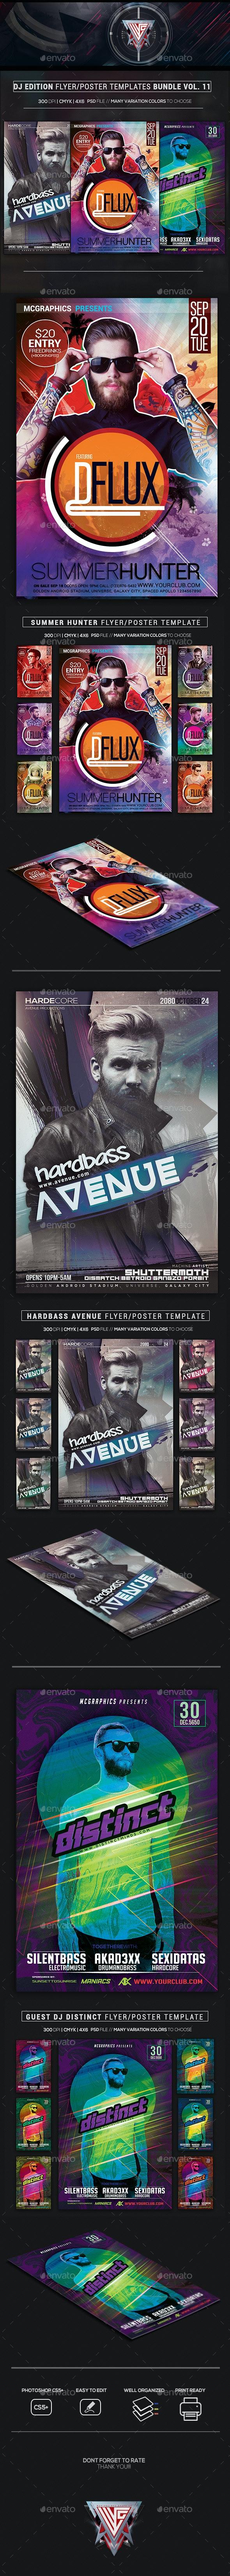 Guest DJ Party Flyer/Poster Bundle Vol. 11 - Events Flyers